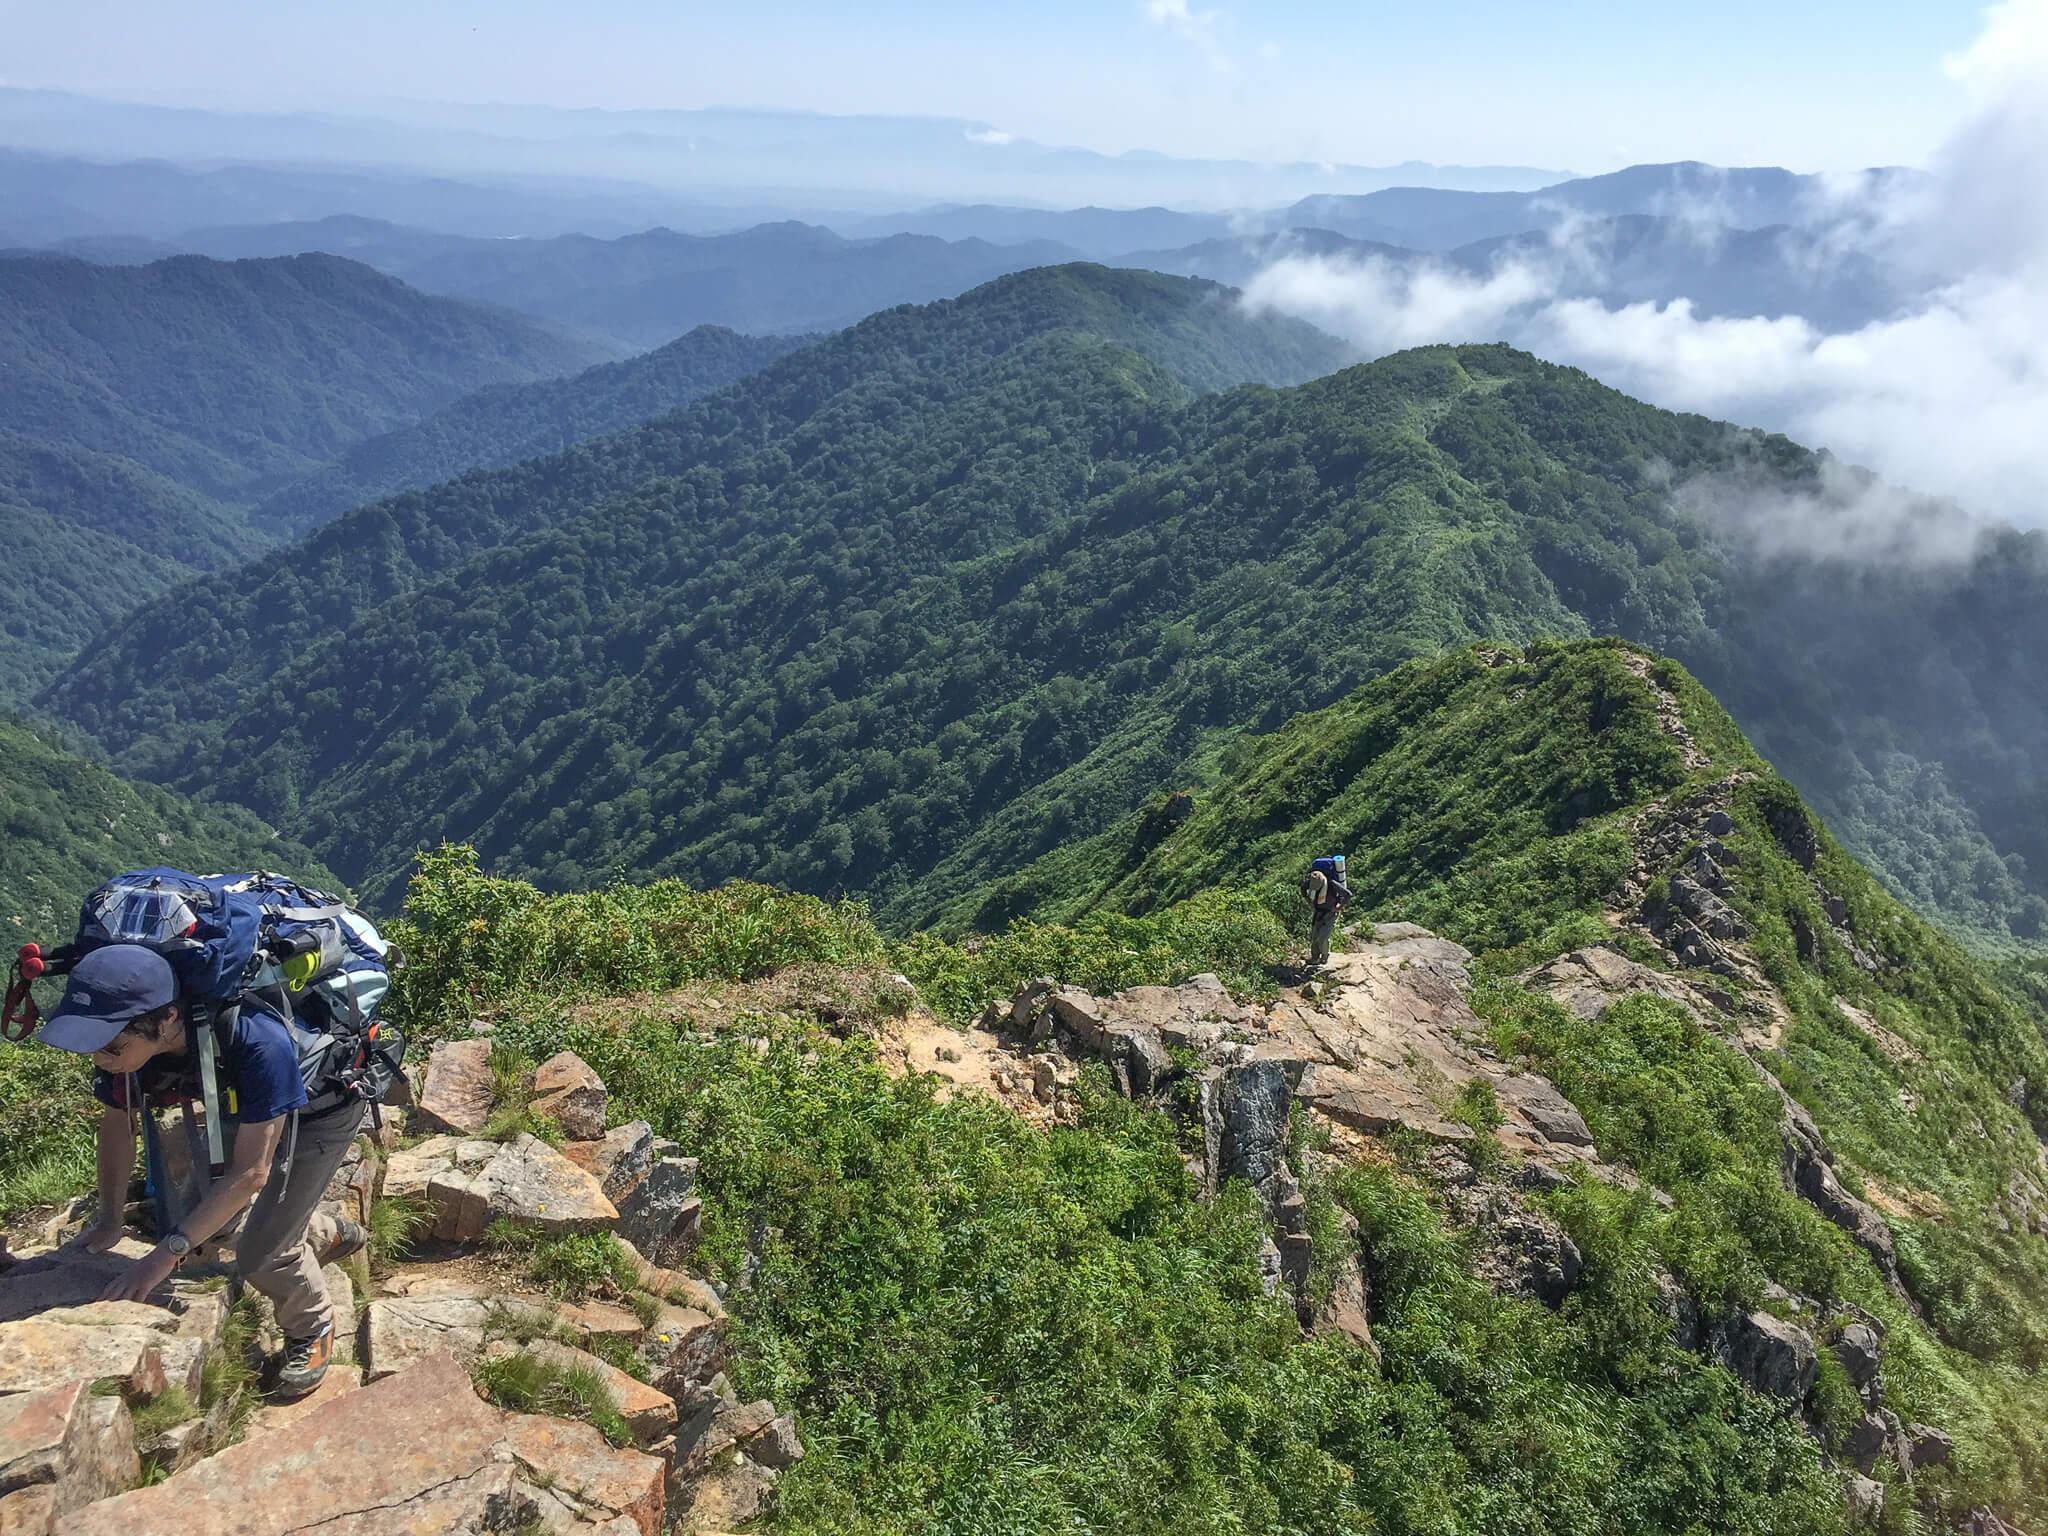 飯豊山・剣ヶ峰の岩稜歩き・振り返ってみましょう